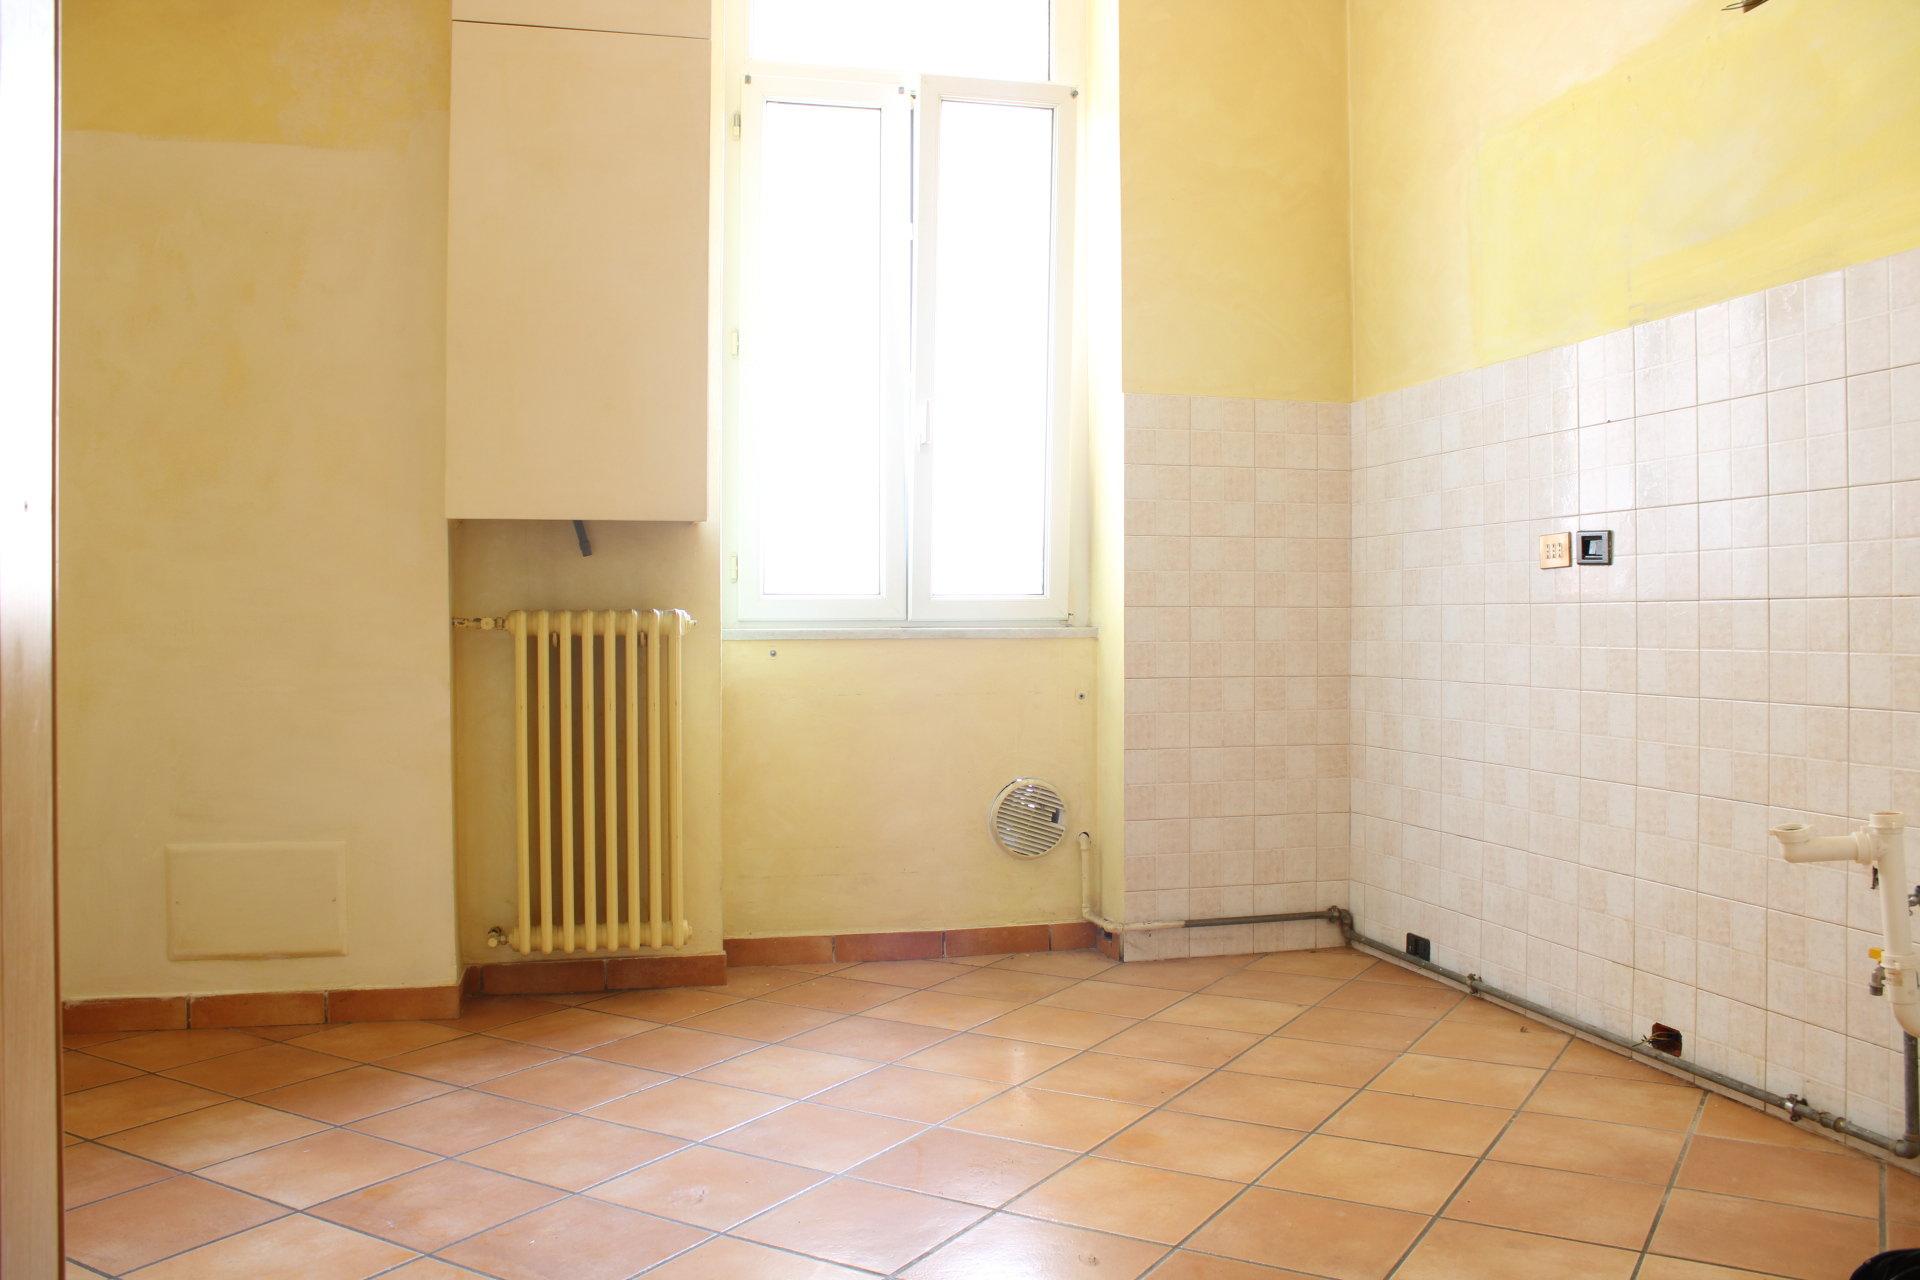 trilocale termoautonomo in ottime condizioni a Cantù centro